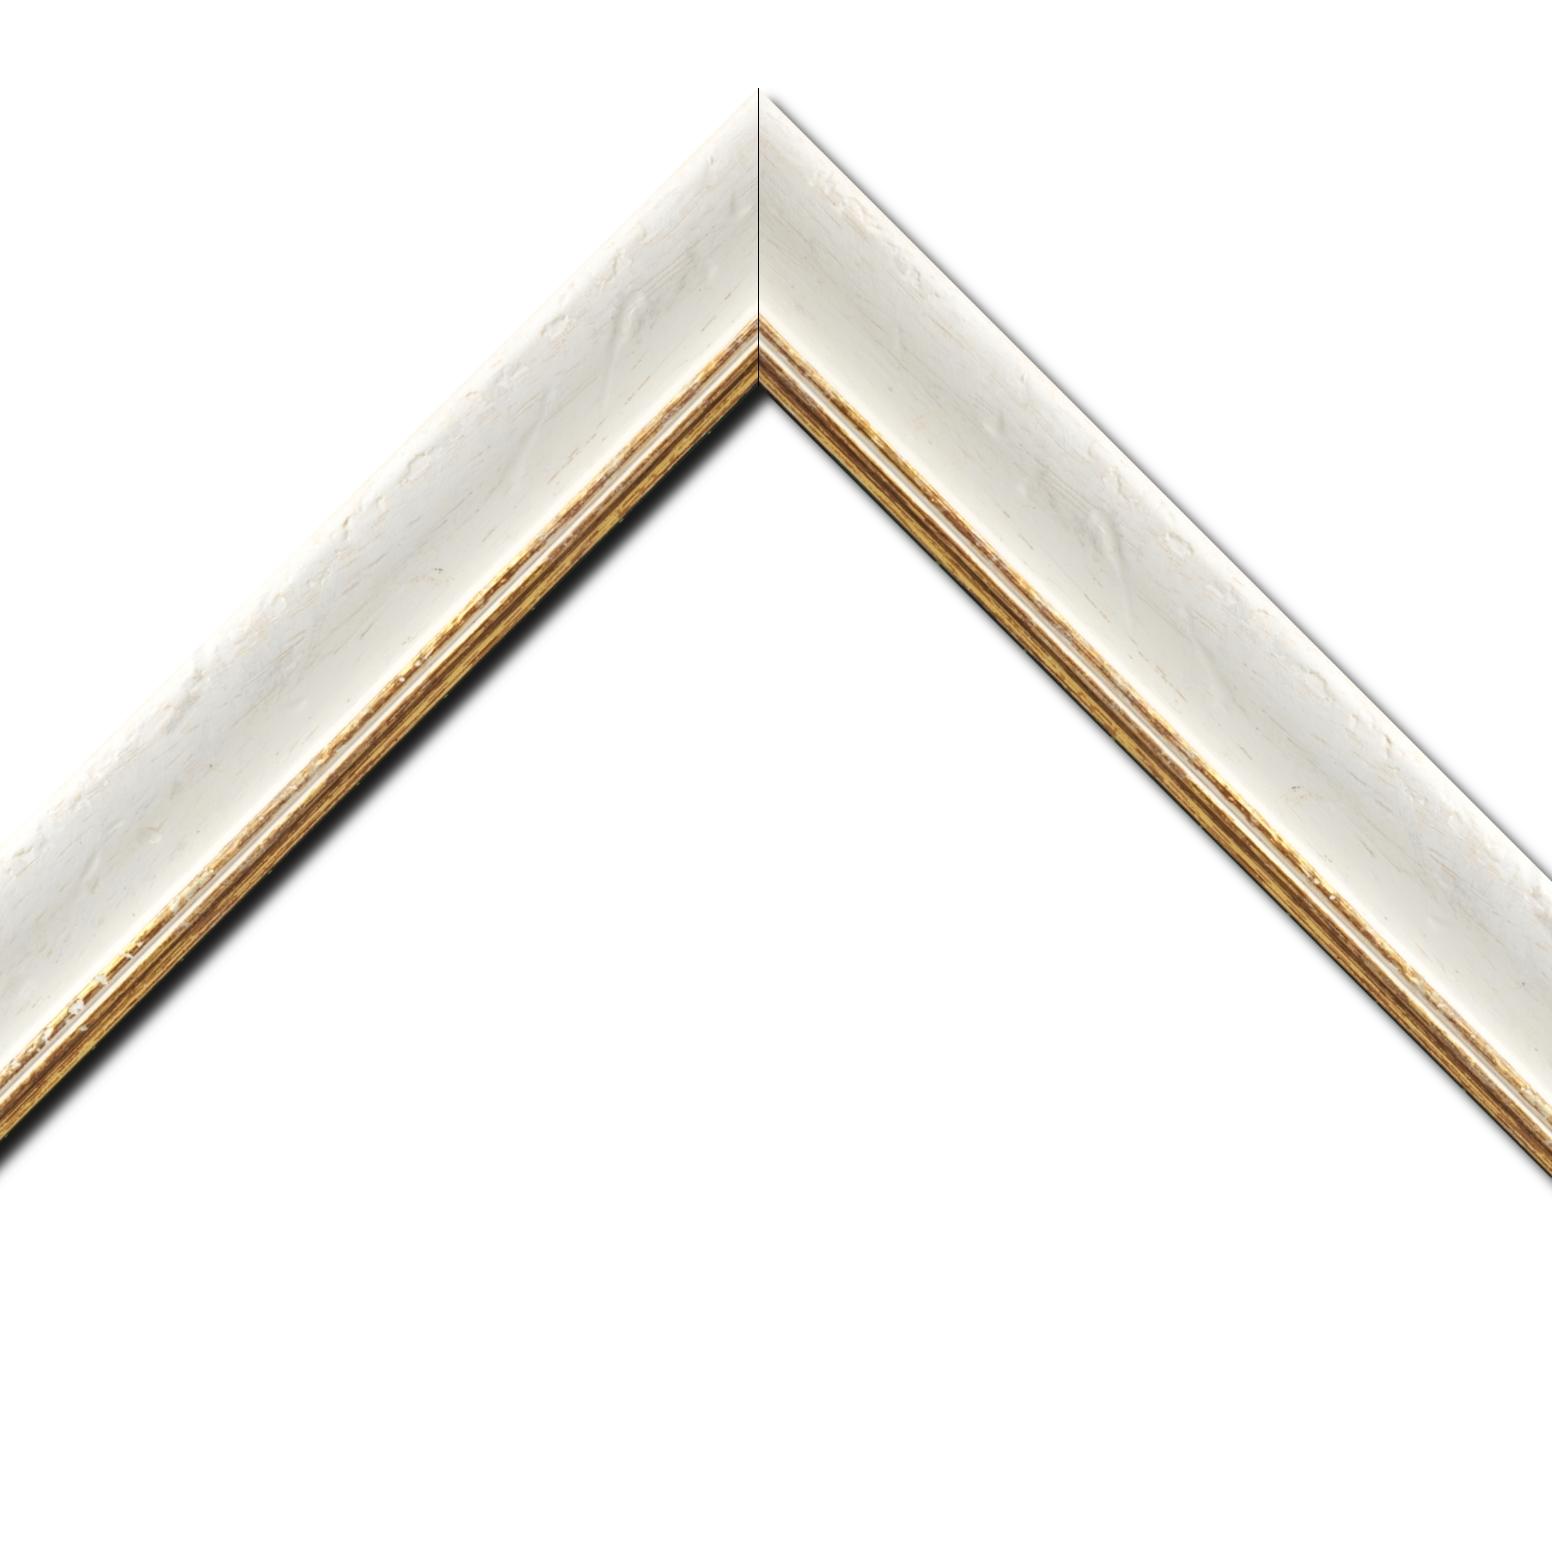 Baguette bois profil incurvé largeur 4.2cm couleur blanchie antique filet or